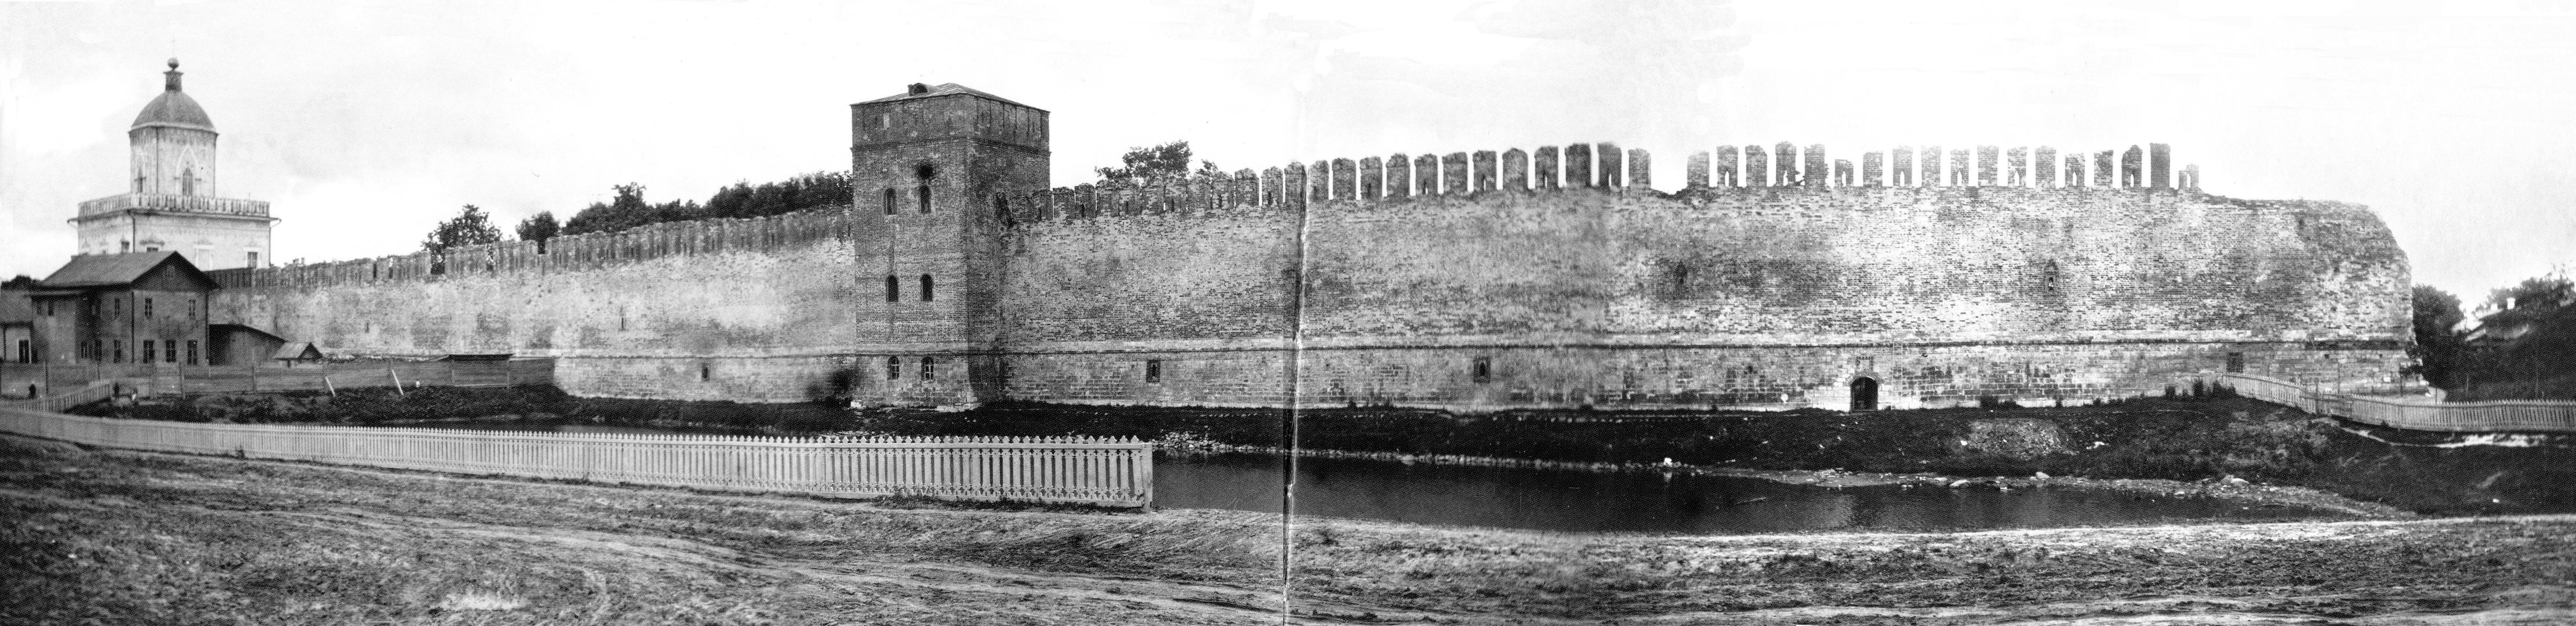 Молоховские ворота и Моховая башня. 1908